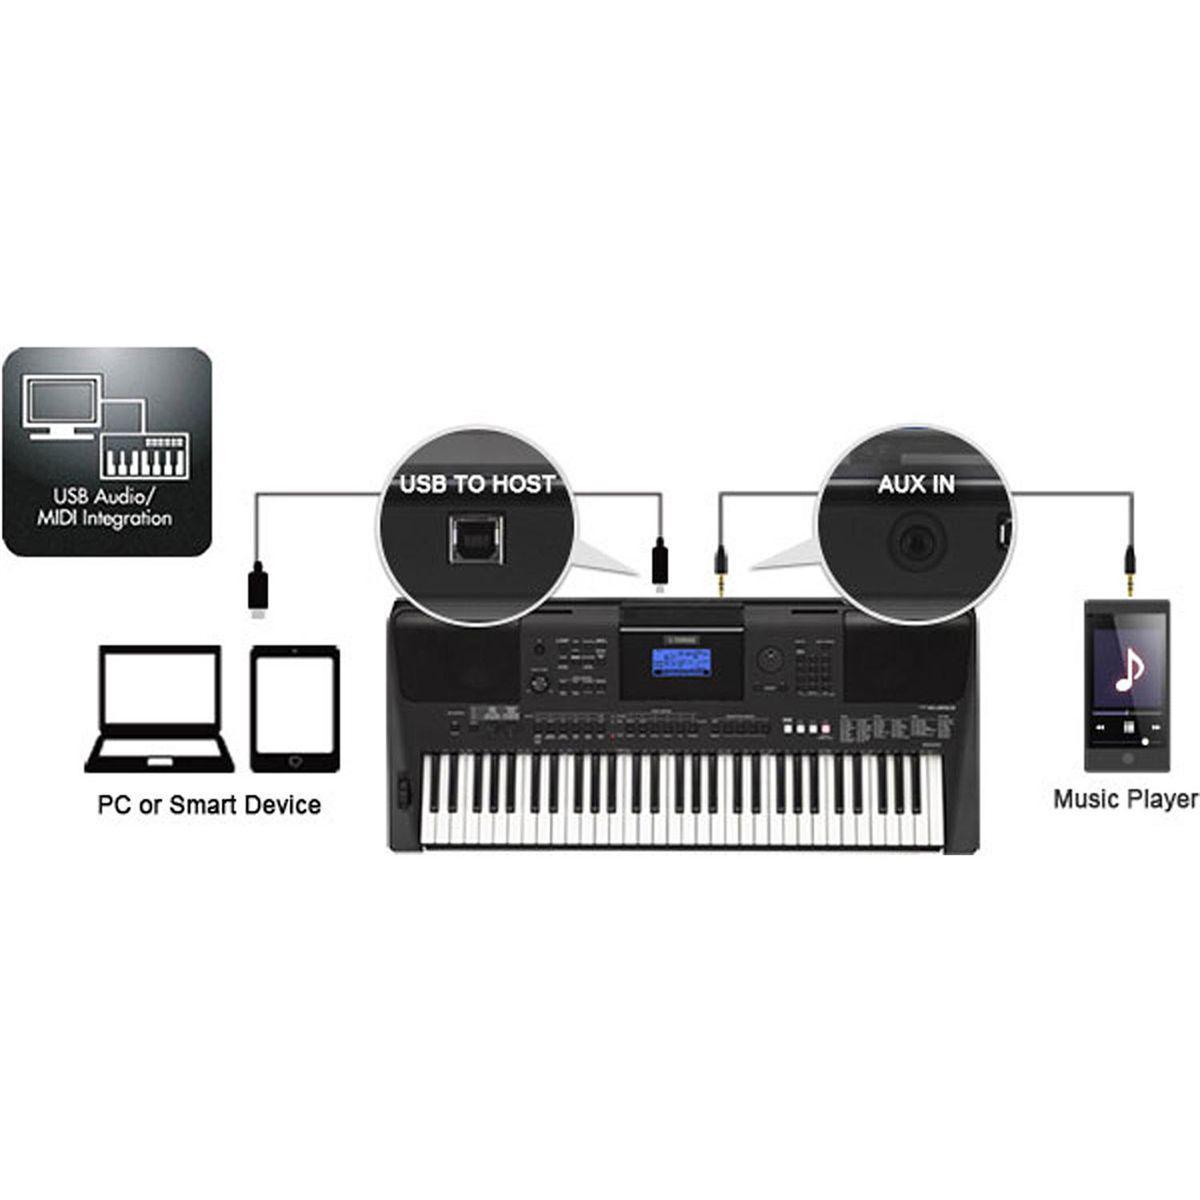 Teclado Musical Arranjador 61 Teclas Com Fonte Psr E453 Yamaha Produto No Disponvel